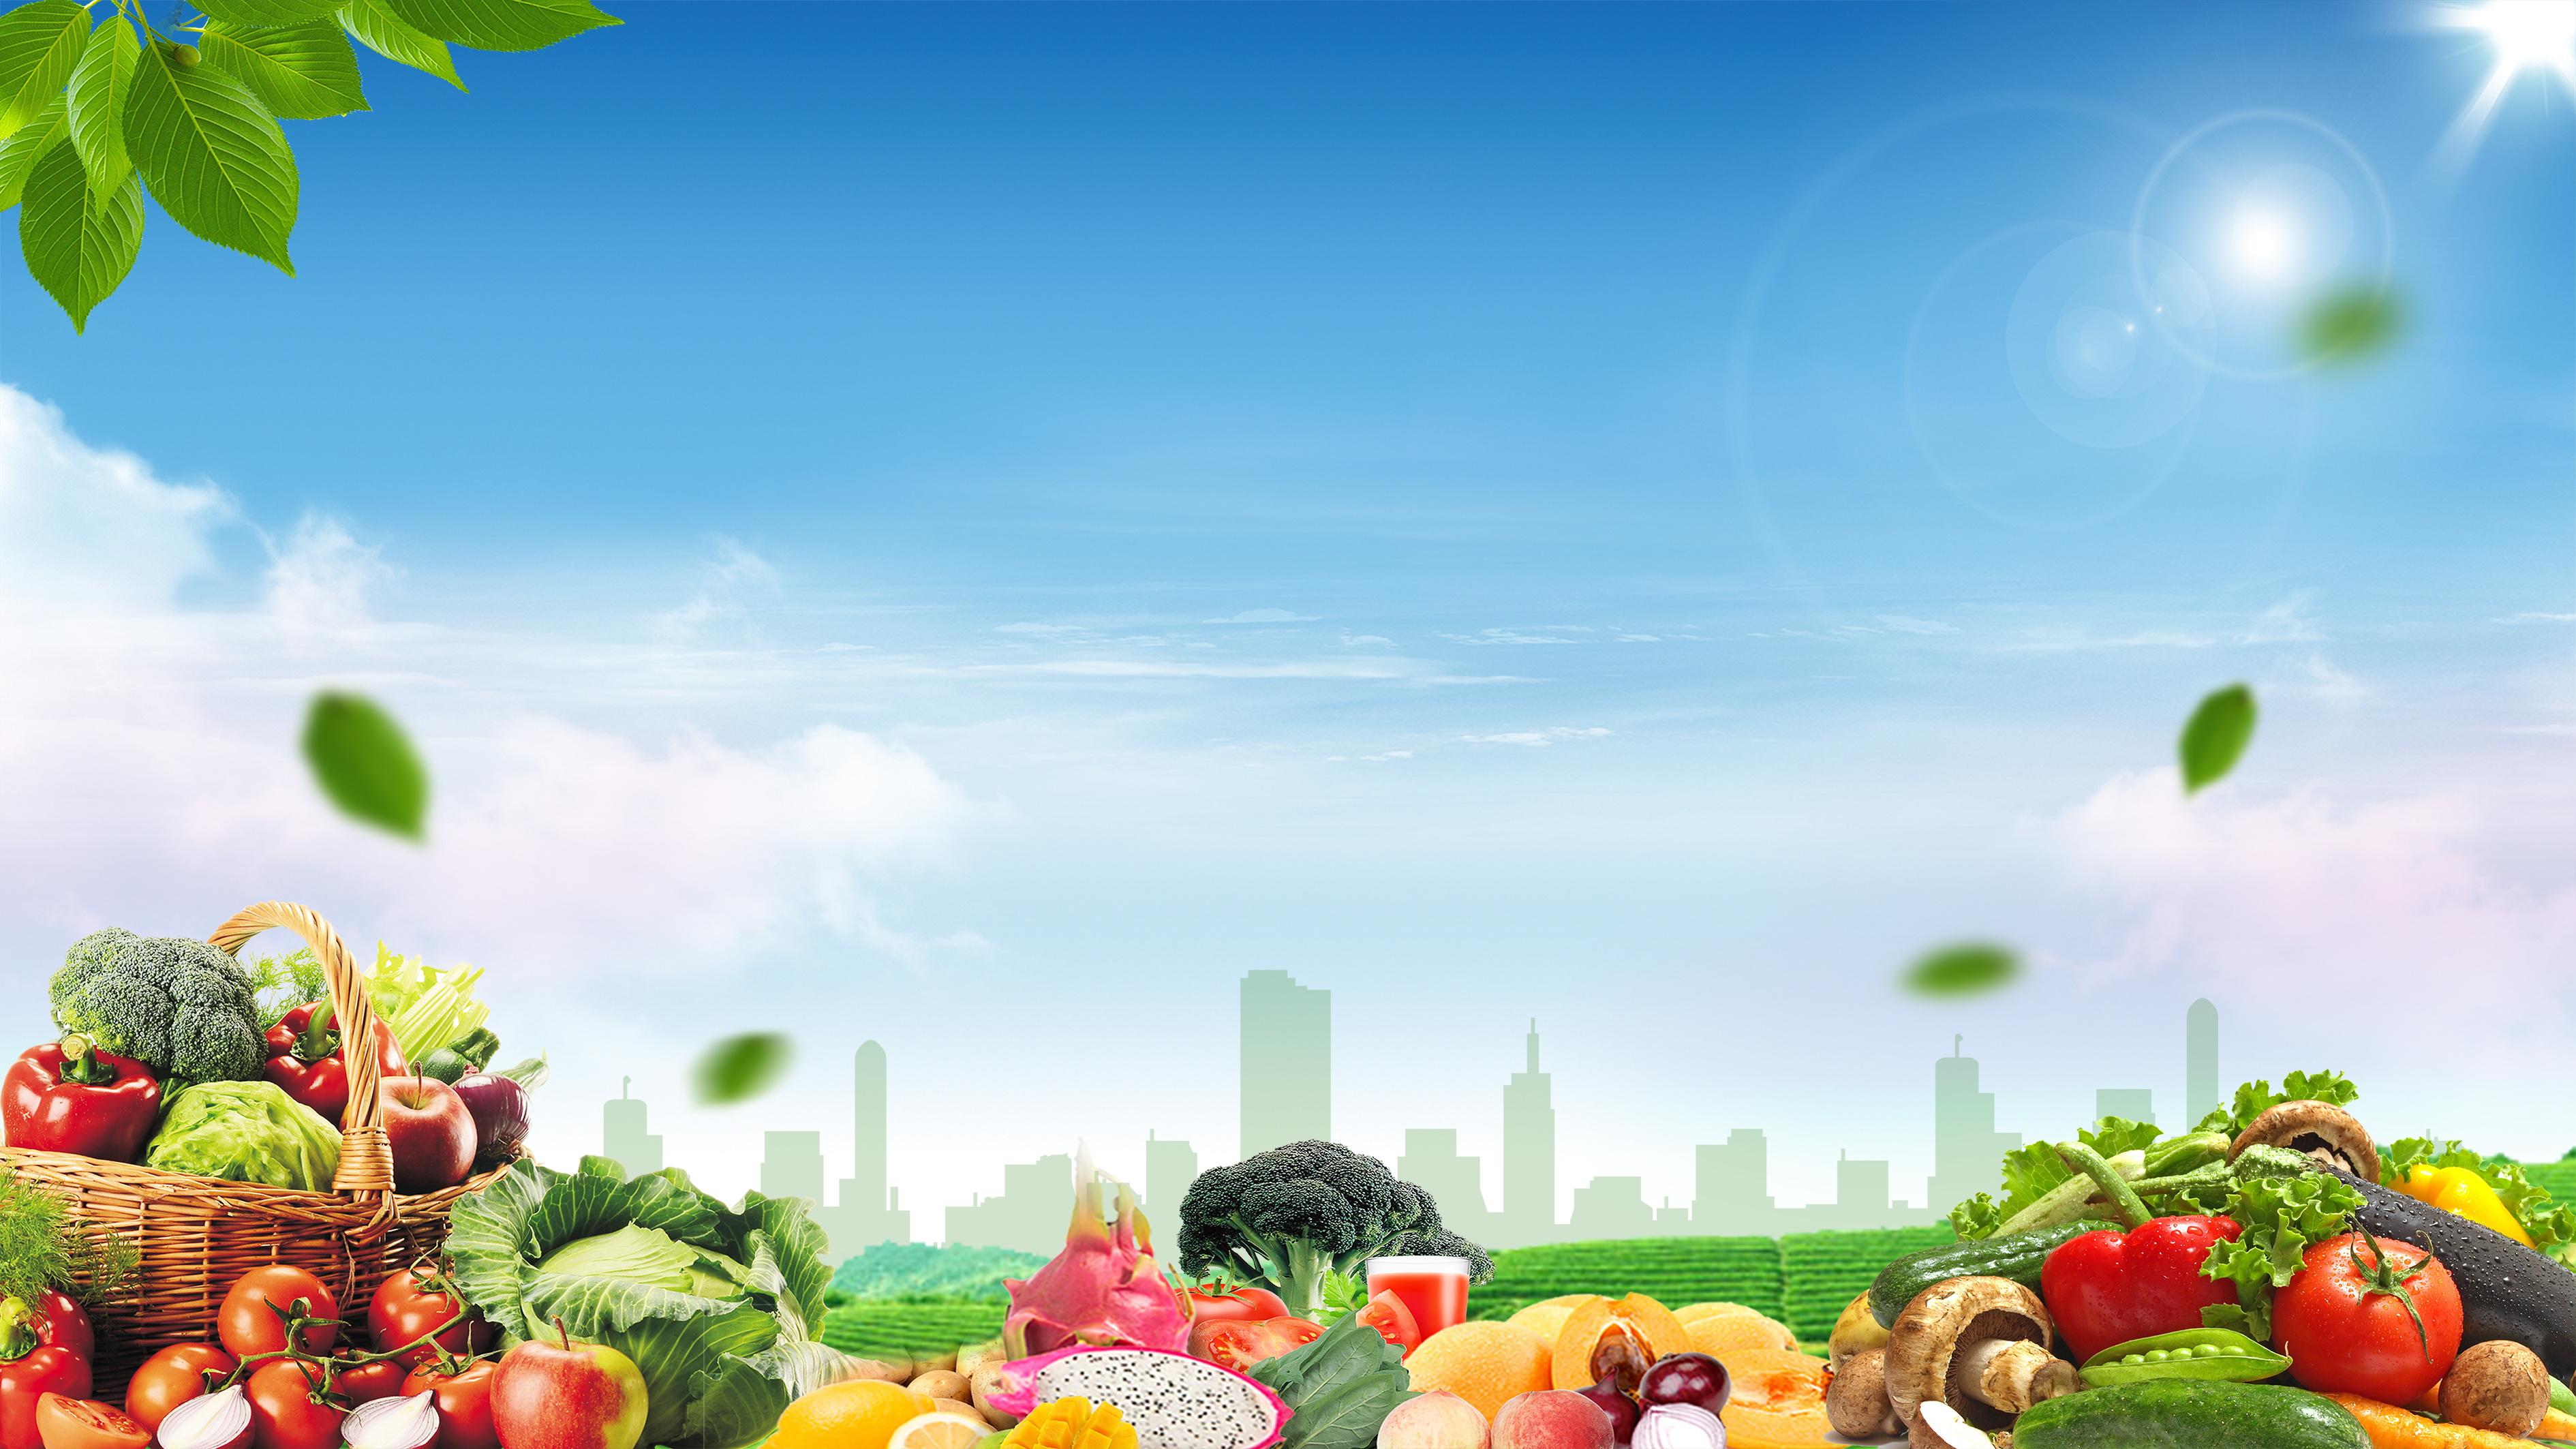 Фон с овощами и фруктами